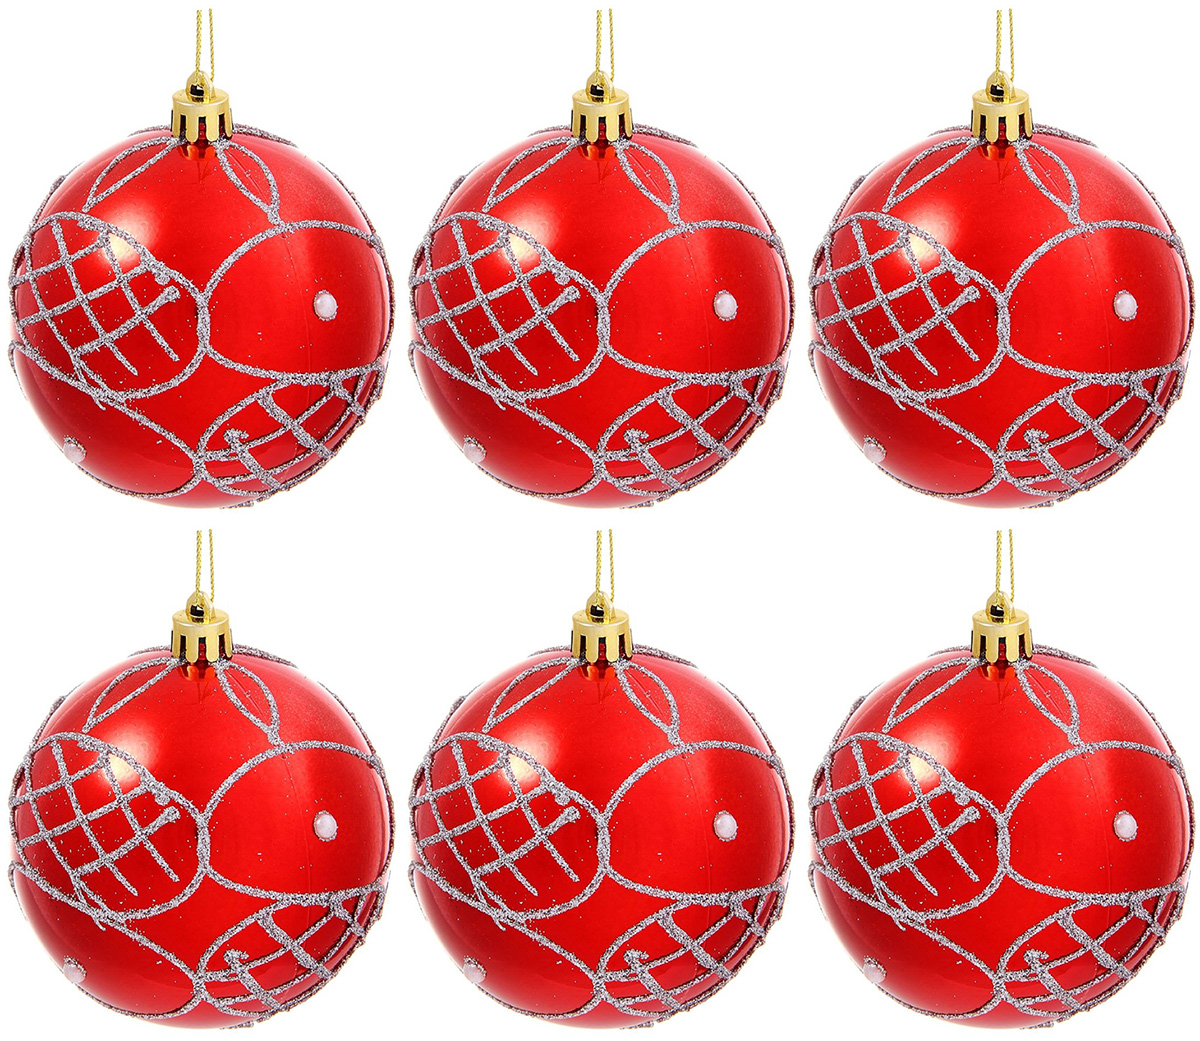 Набор новогодних подвесных украшений Sima-land Мираж. Жемчужная сетка, диаметр 8 см, 6 шт1009473Набор новогодних подвесных украшений Sima-land отлично подойдет для декорации вашего дома и новогодней ели. С помощью специальной петельки украшение можно повесить в любом понравившемся вам месте. Но, конечно, удачнее всего оно будет смотреться на праздничной елке. Елочная игрушка - символ Нового года. Она несет в себе волшебство и красоту праздника. Создайте в своем доме атмосферу веселья и радости, украшая новогоднюю елку нарядными игрушками, которые будут из года в год накапливать теплоту воспоминаний.